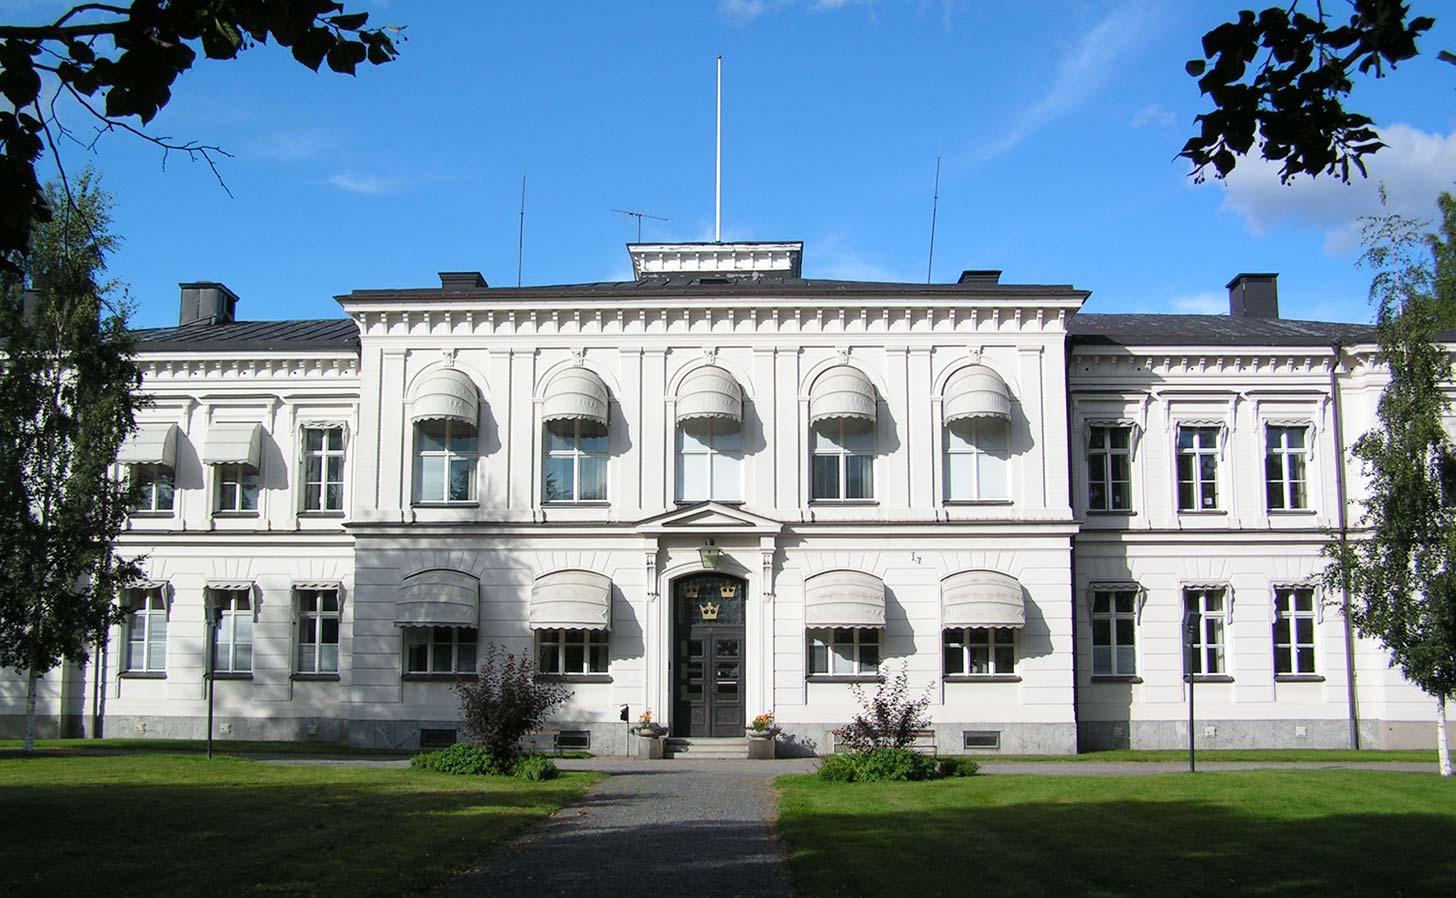 Hovrätten för övre Norrland i Umeå. Foto: Mikael Lindmark/Wikimedia Commons (CC BY-SA 3.0)